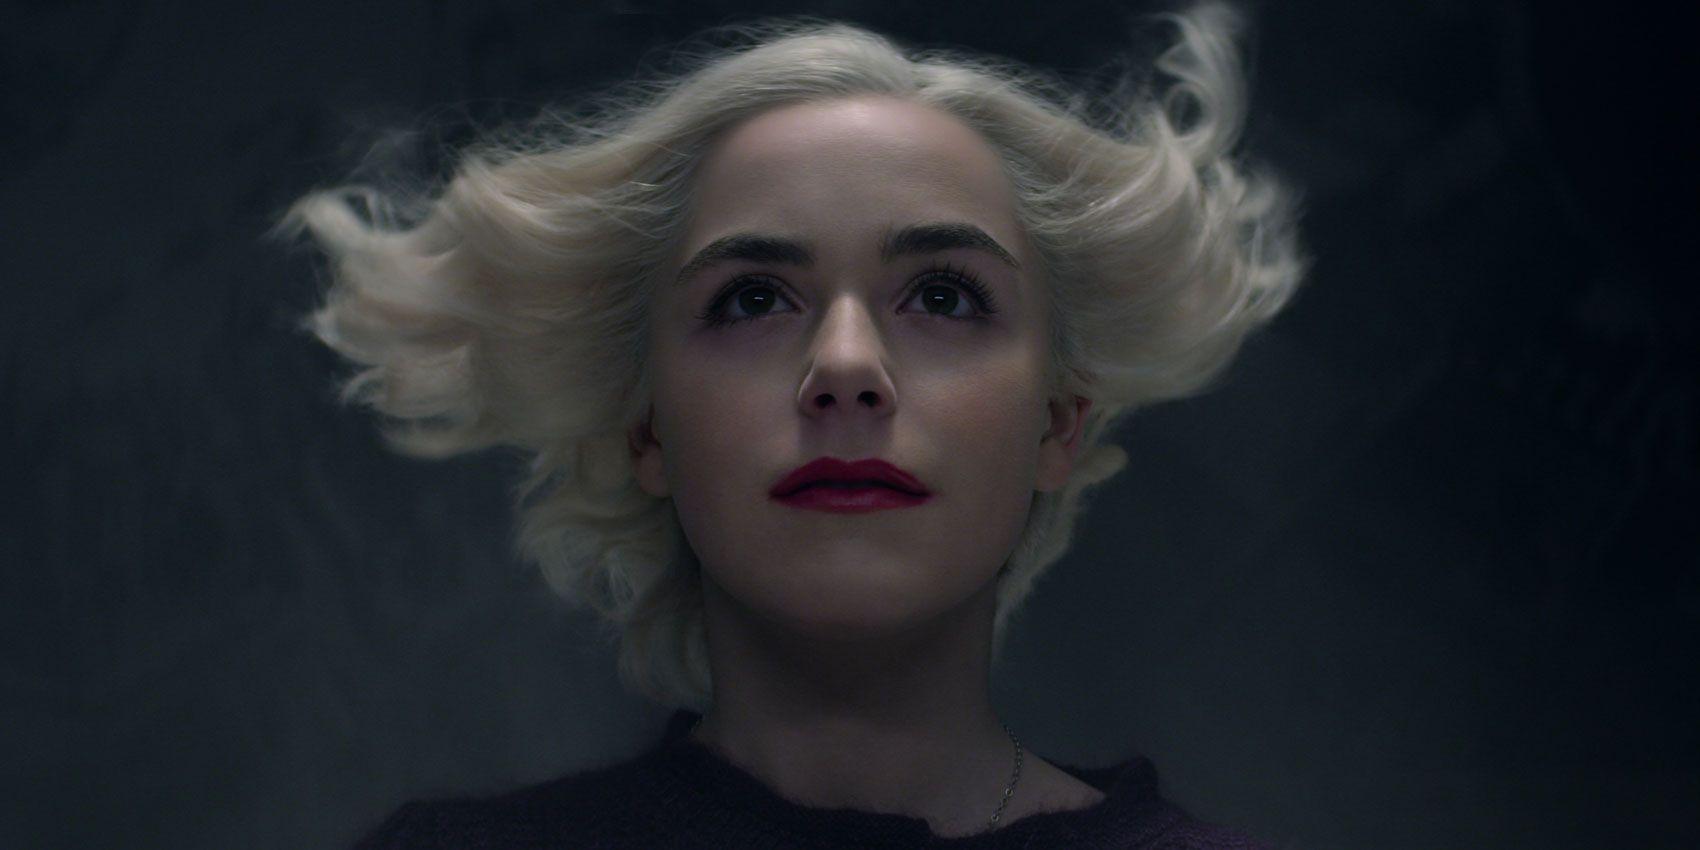 Fim da 4ª temporada de 'O Mundo Sombrio de Sabrina' Explicado: Chegamos a um beco sem saída 6